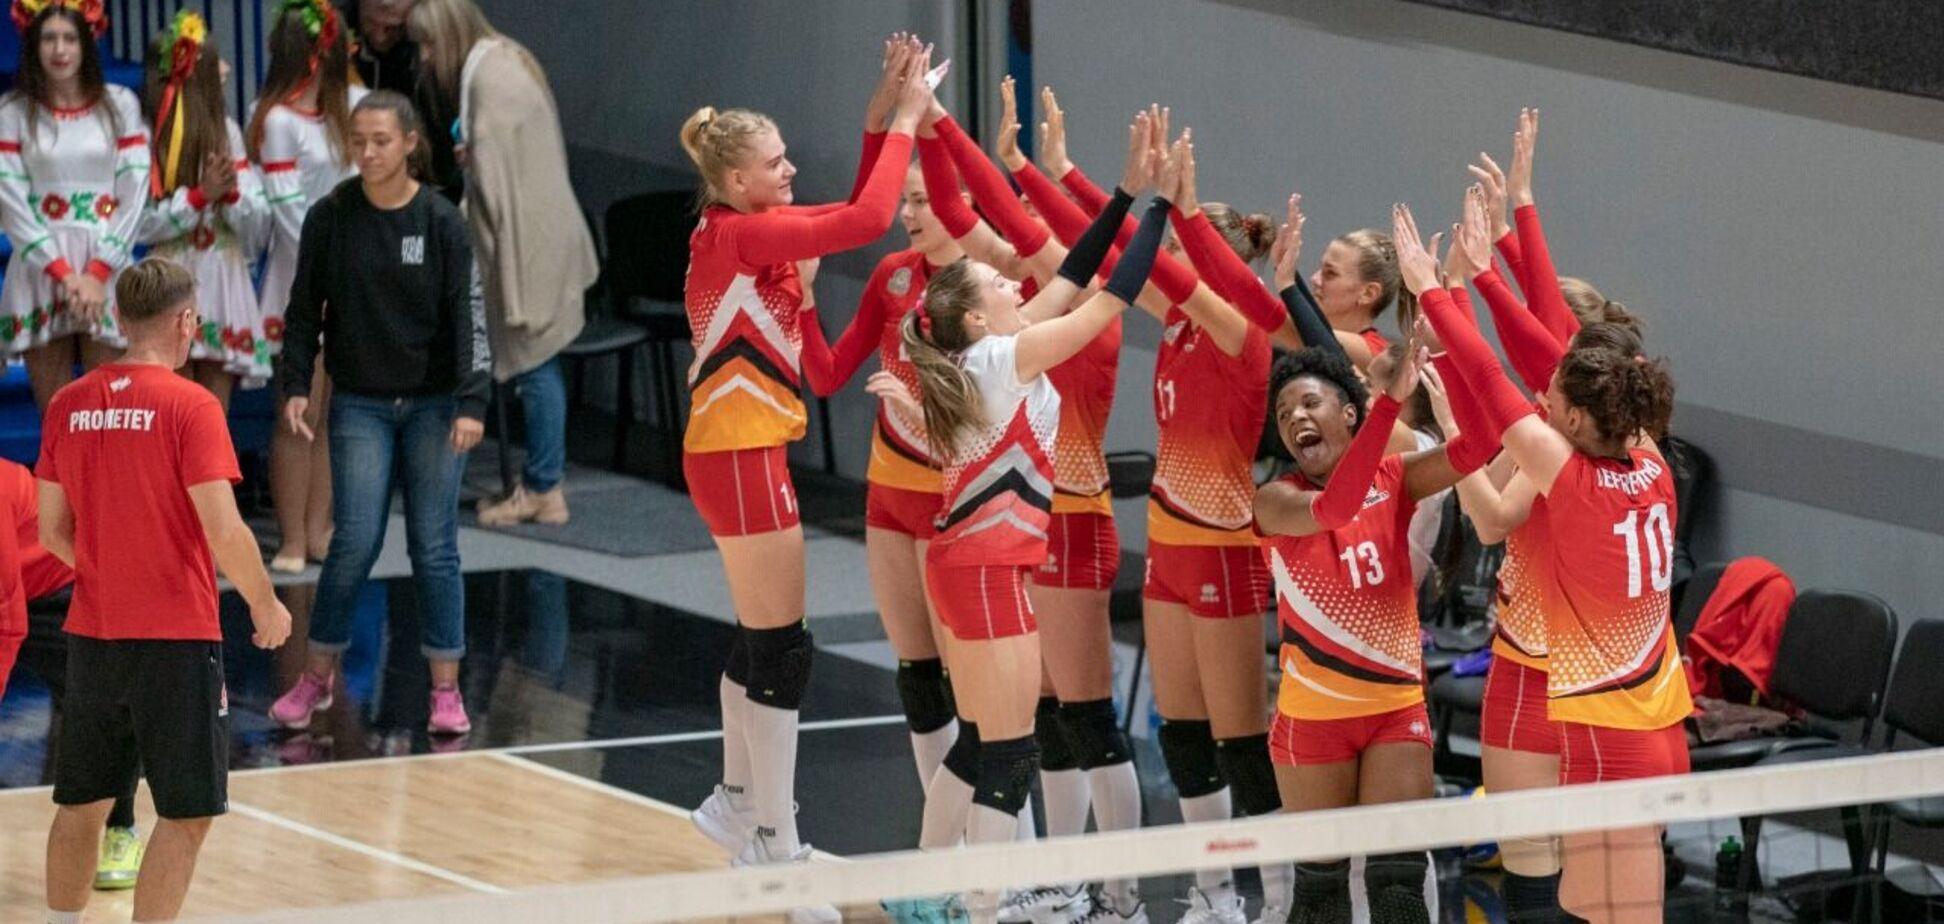 СК 'Прометей' пополнился волейболисткой из сборной Украины